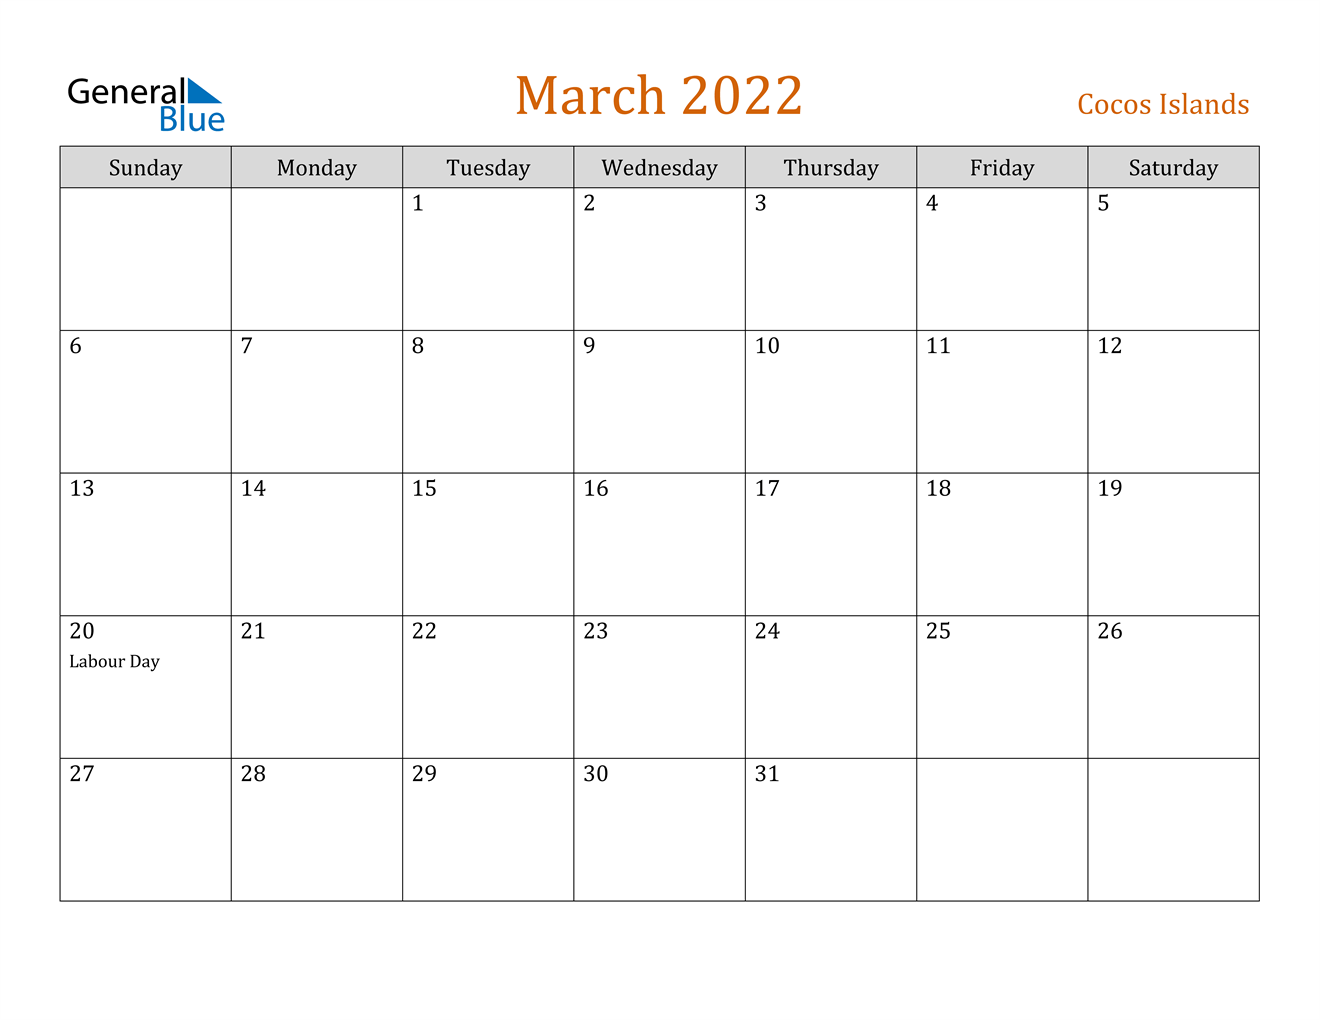 March 2022 Calendar - Cocos Islands